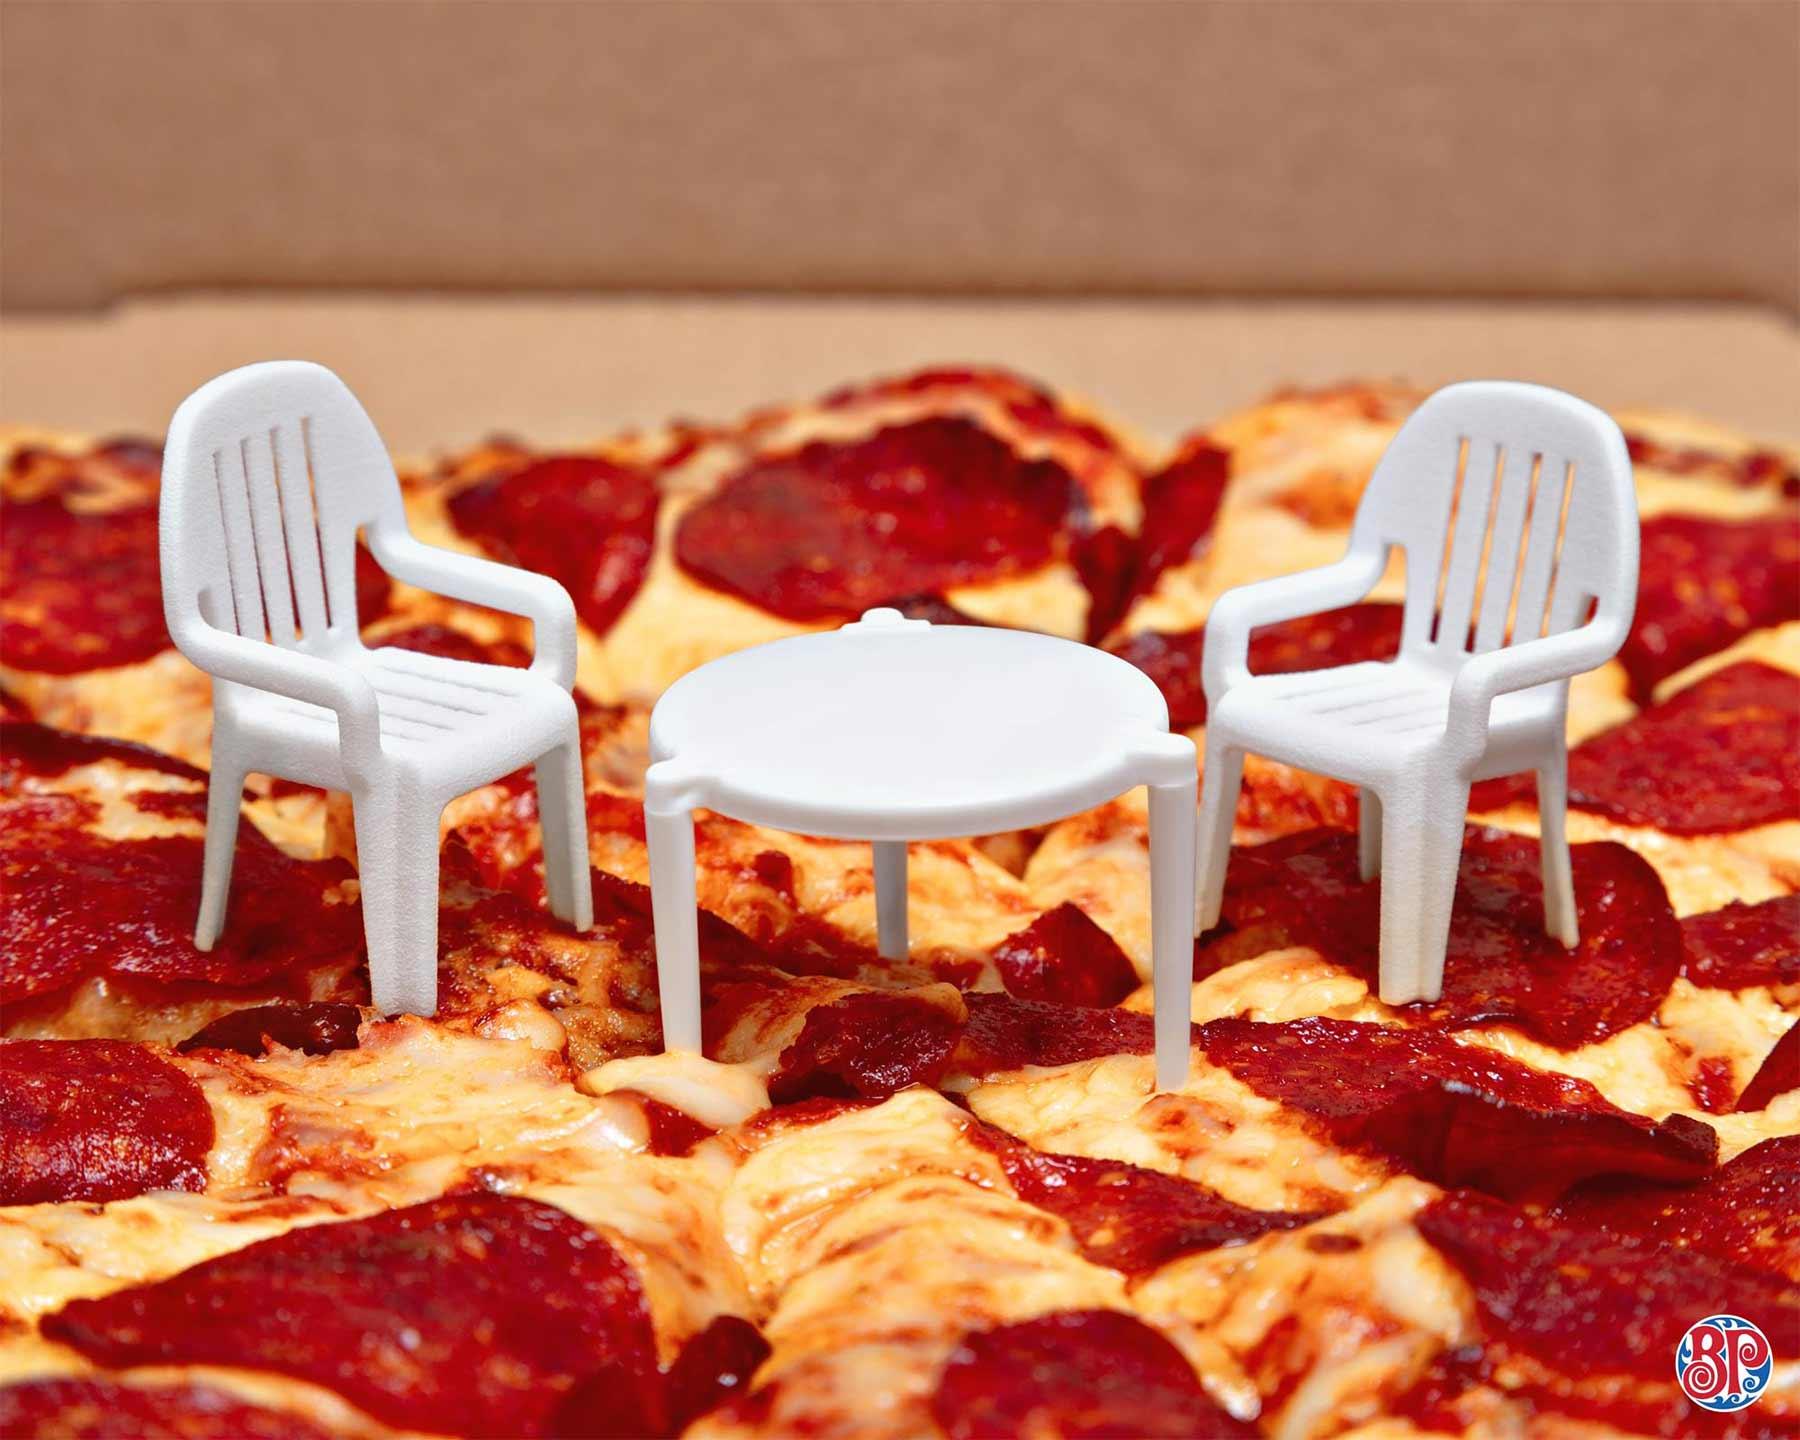 Pizzaabstandshalter wird zum Miniaturtisch boston-pizza-abstandshaltermoebel_04